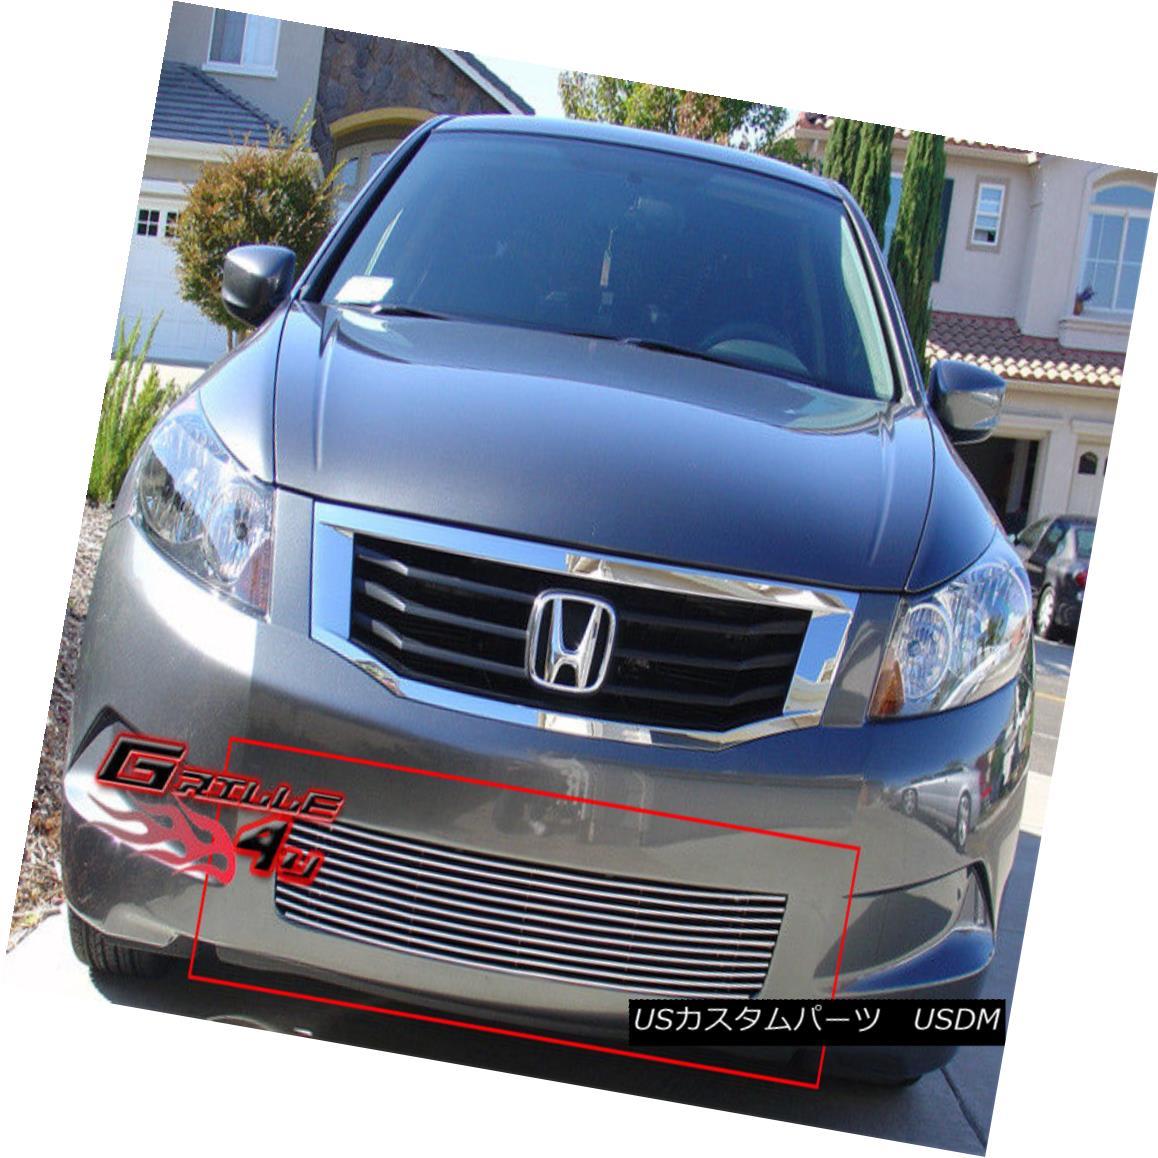 グリル Fits 08-10 Honda Accord Sedan Lower Bumper Billet Grille Insert フィット08-10ホンダアコードセダンロワーバンパービレットグリルインサート